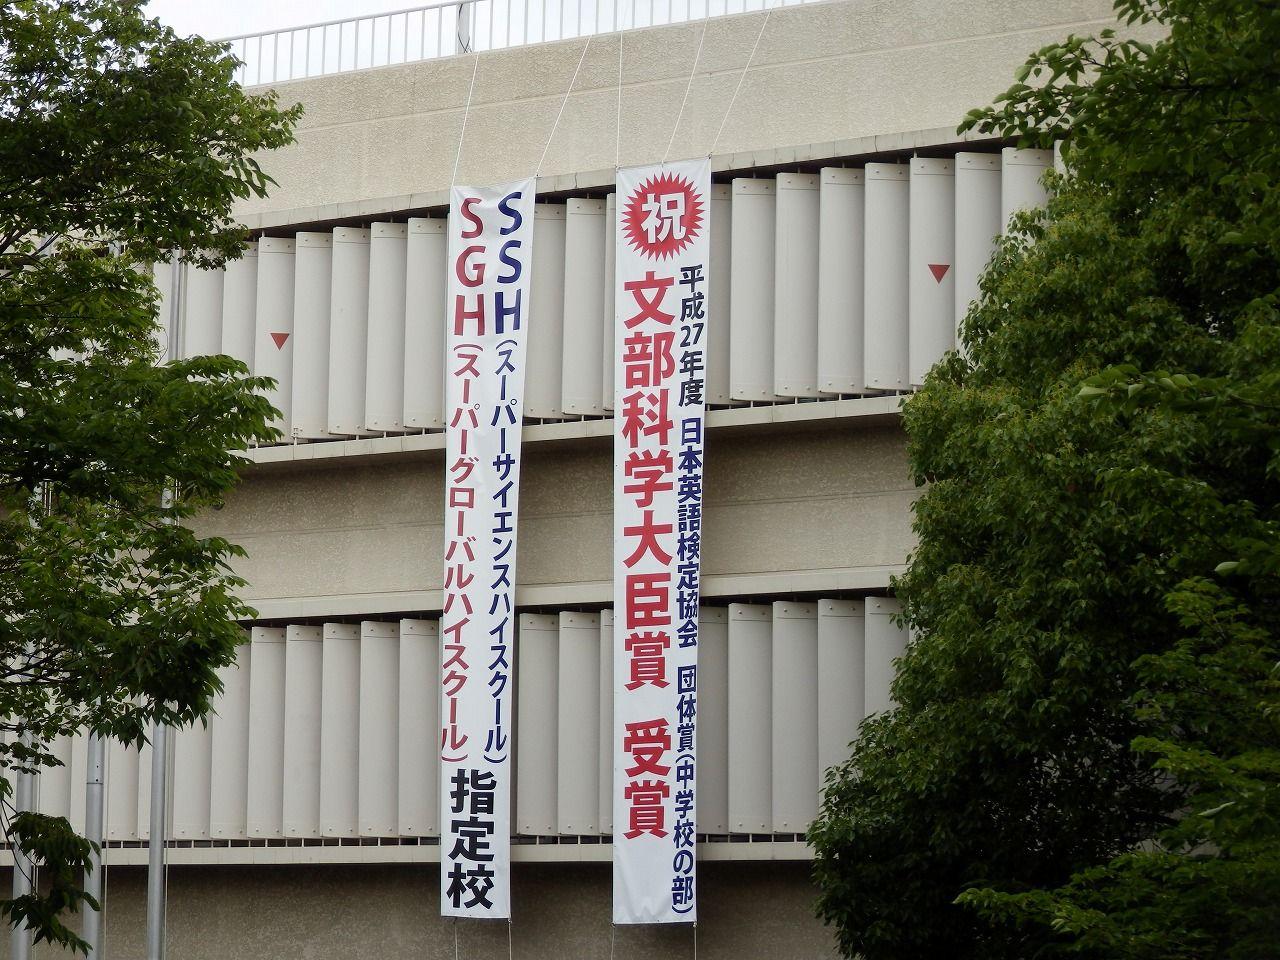 大学 薬科 大阪 医科